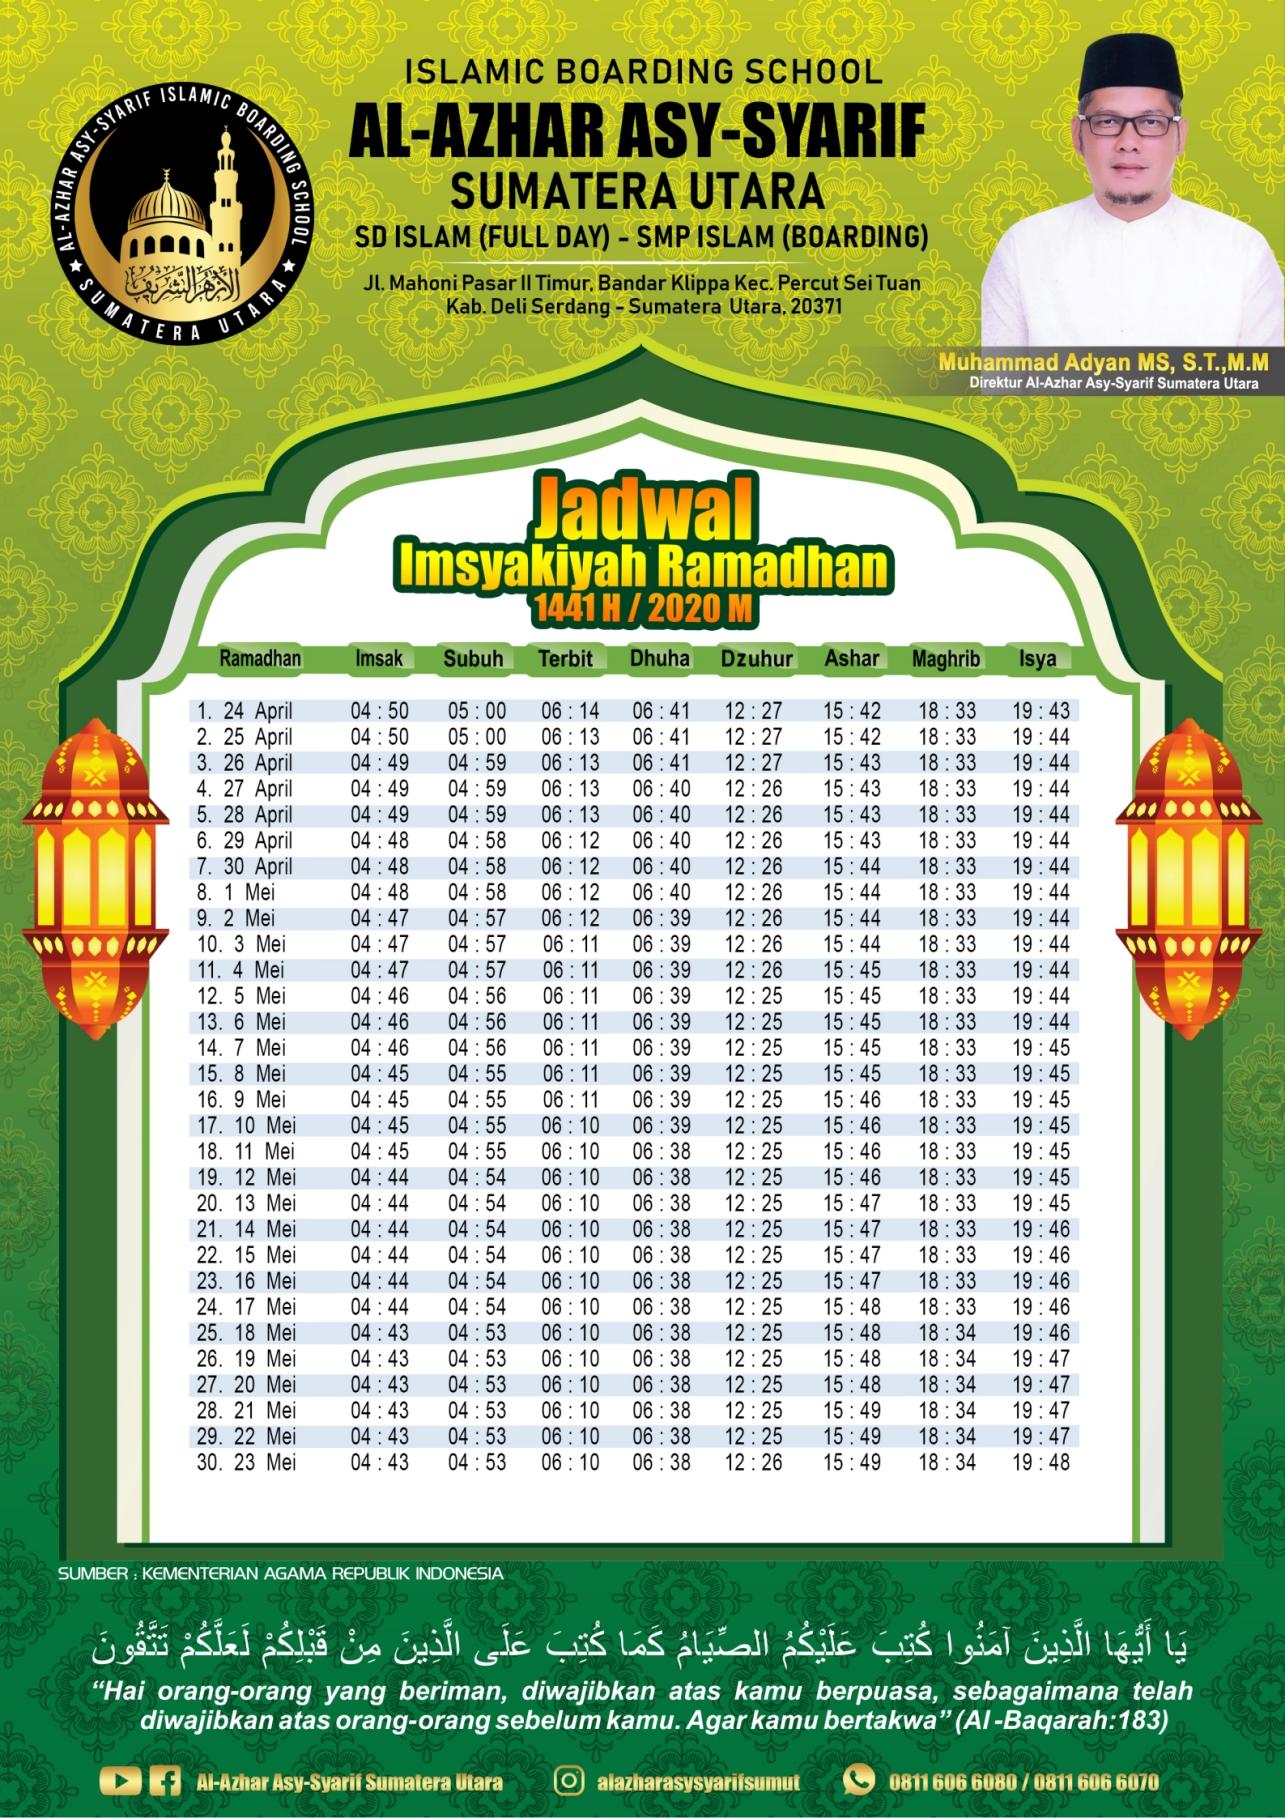 Jadwal Imsyakiyah 1441 H-2020 M Medan dan sekitarnya al-azhar asy-syarif sumatera utara